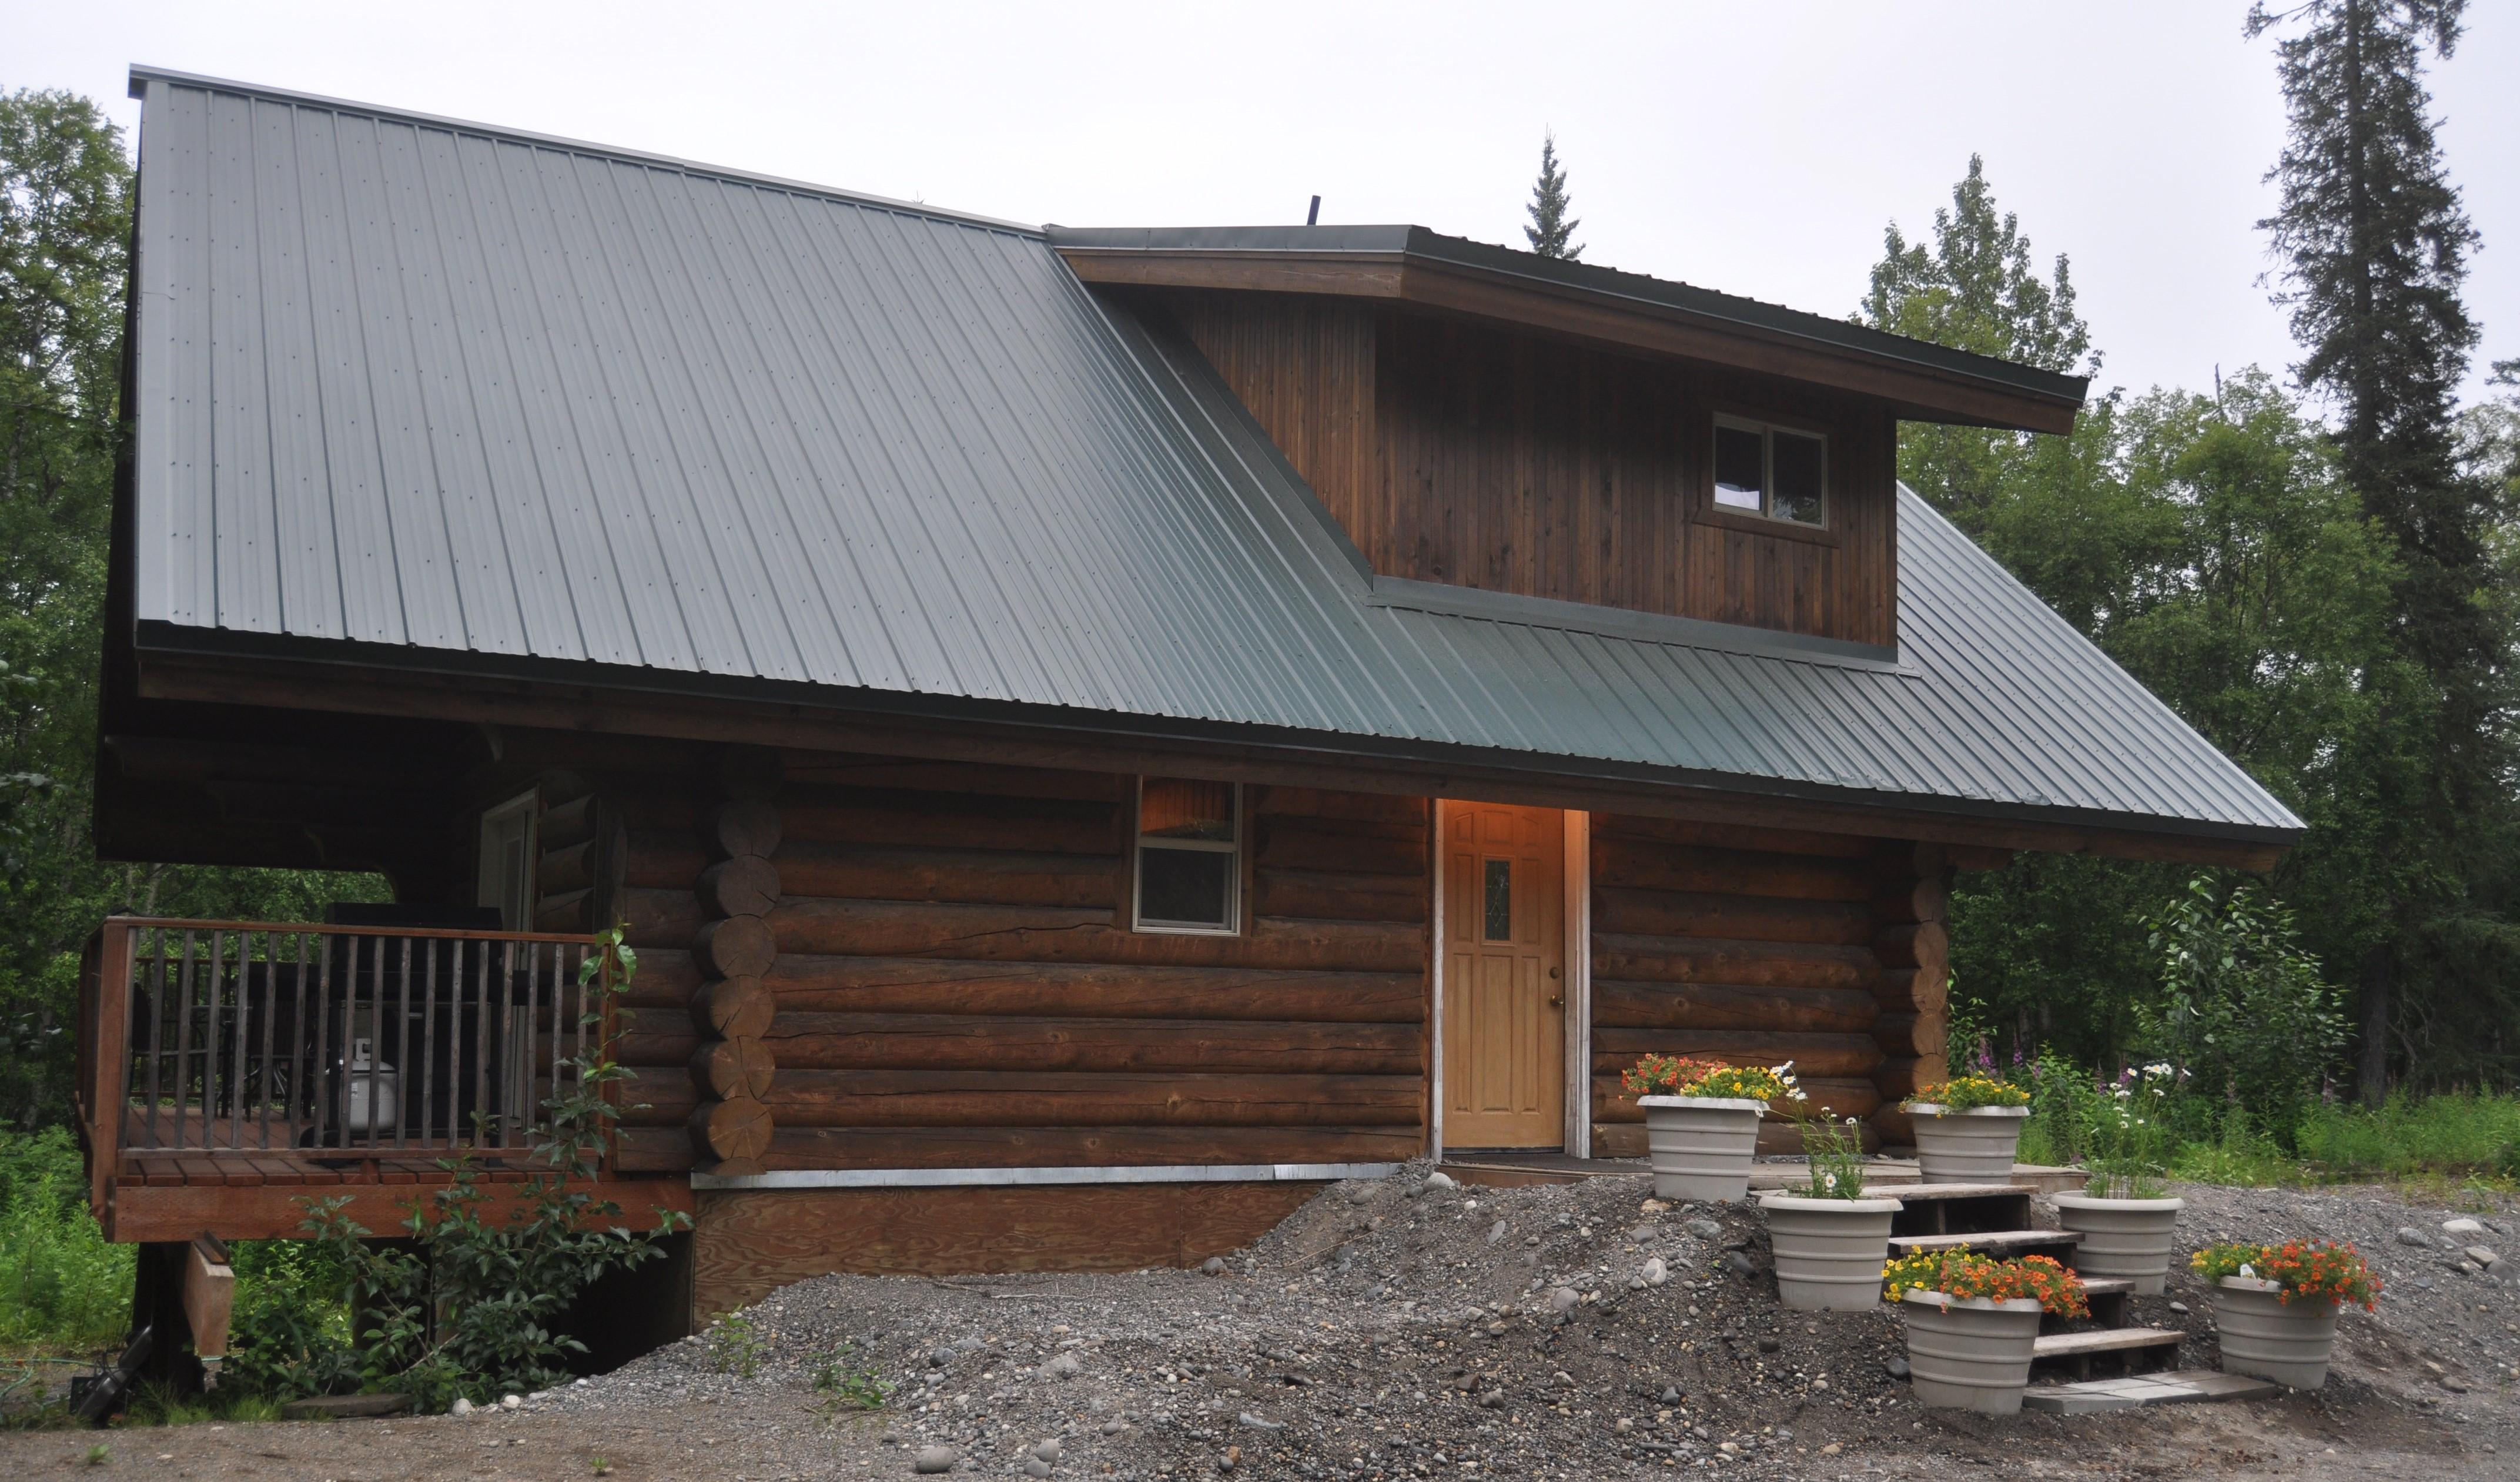 Hilltop cabin driveway side